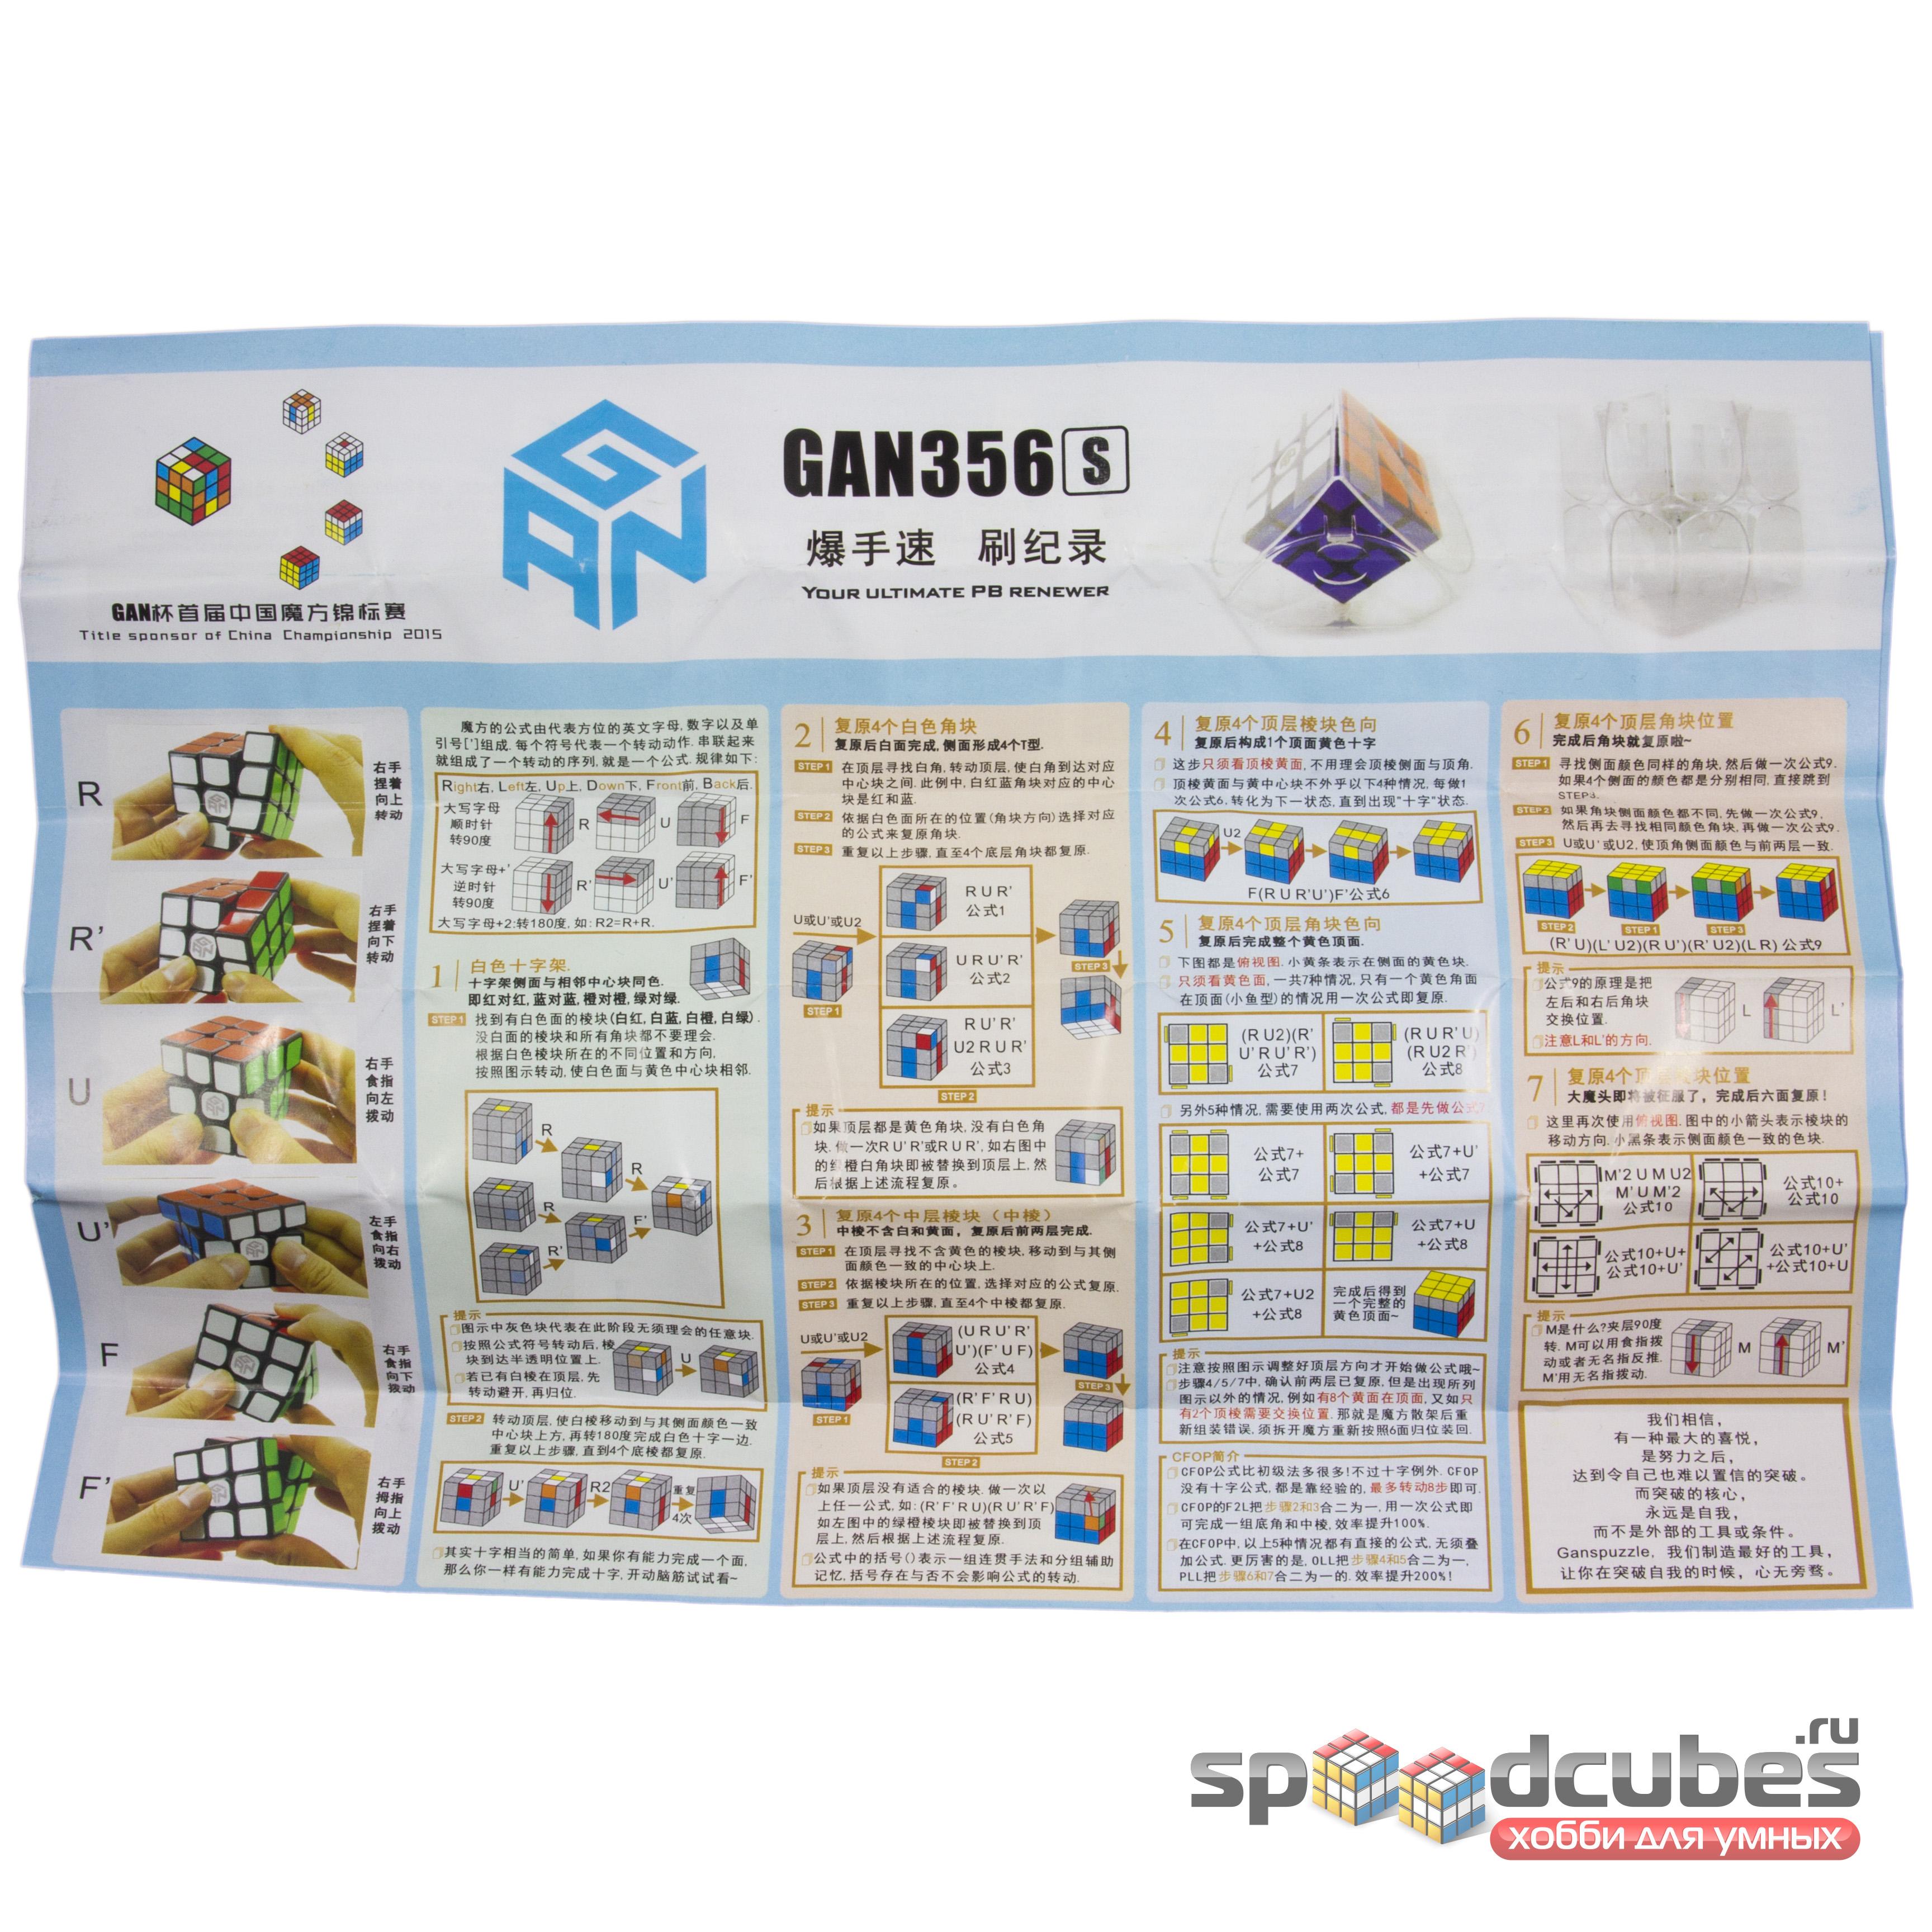 Gan 356s Lite 3x3x3 Primary 5